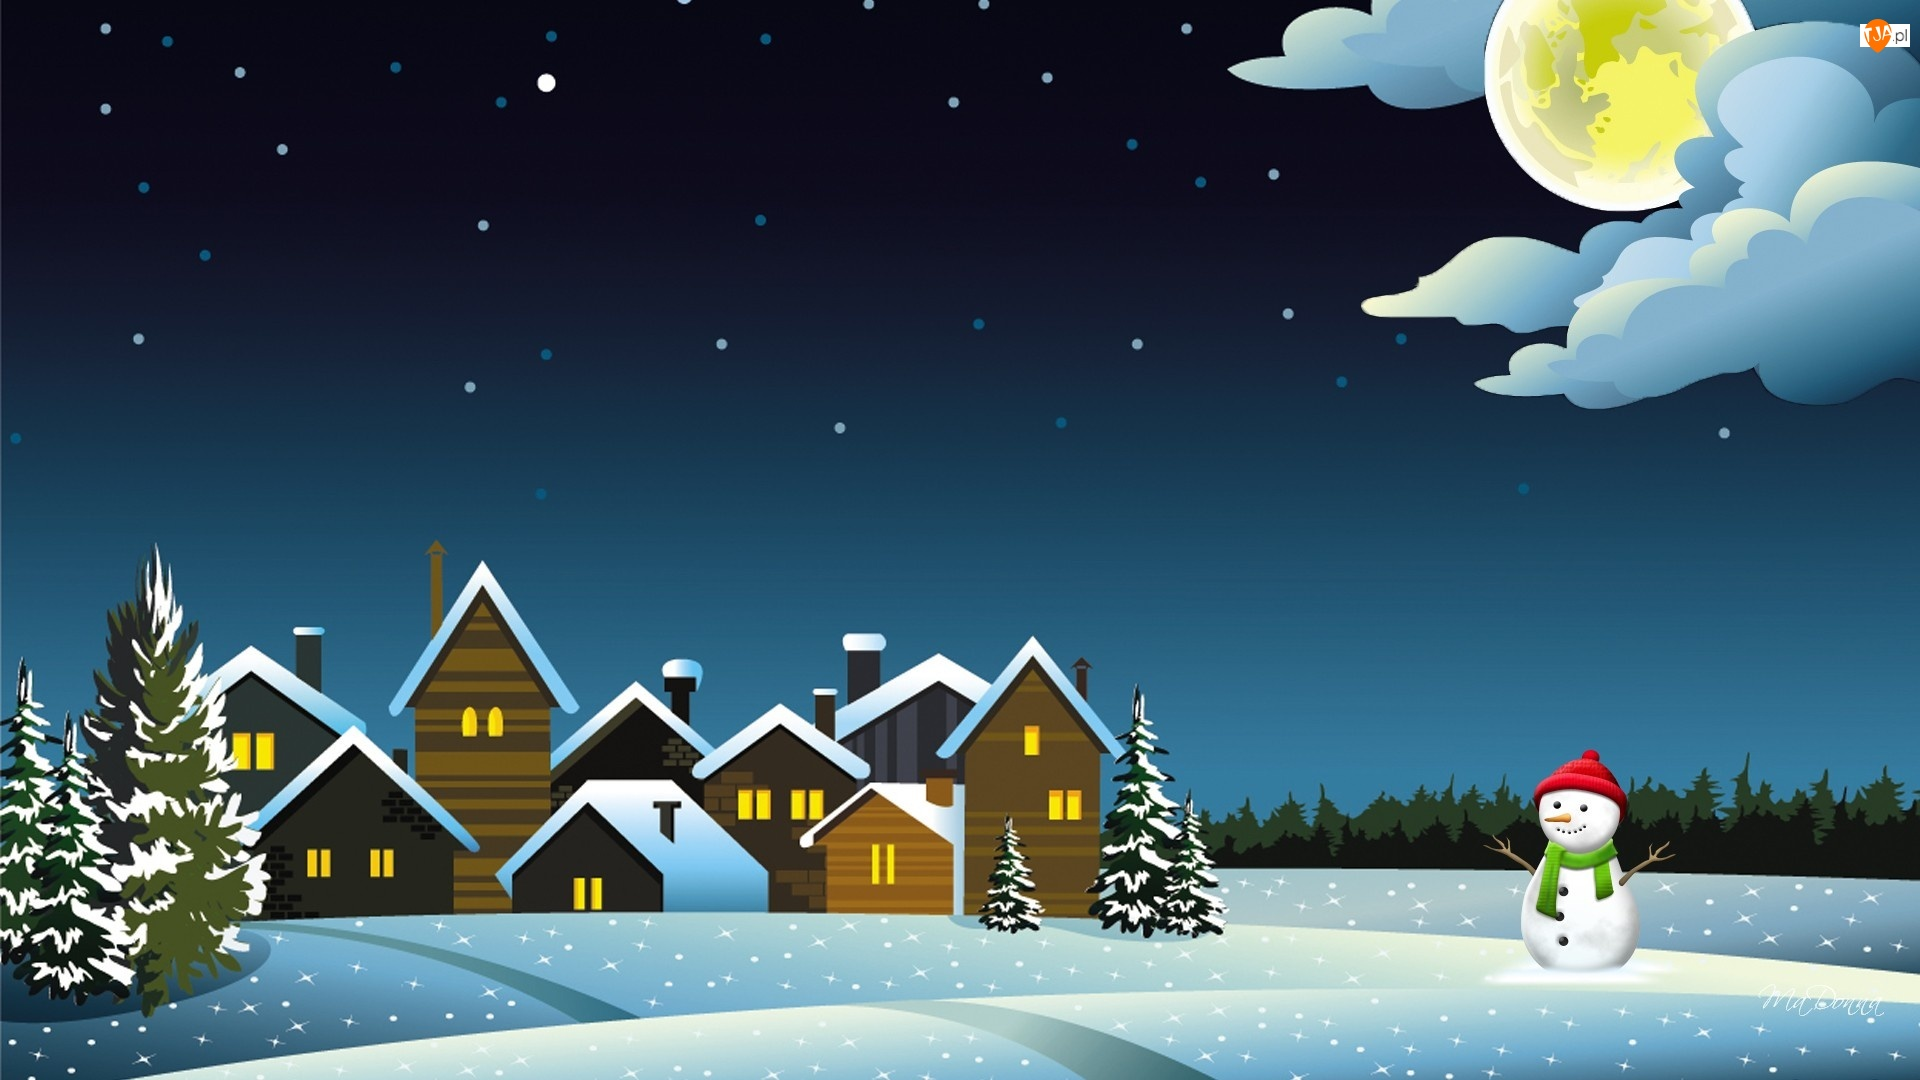 Красивые словами, новогодние картинки с домиком и снеговиком